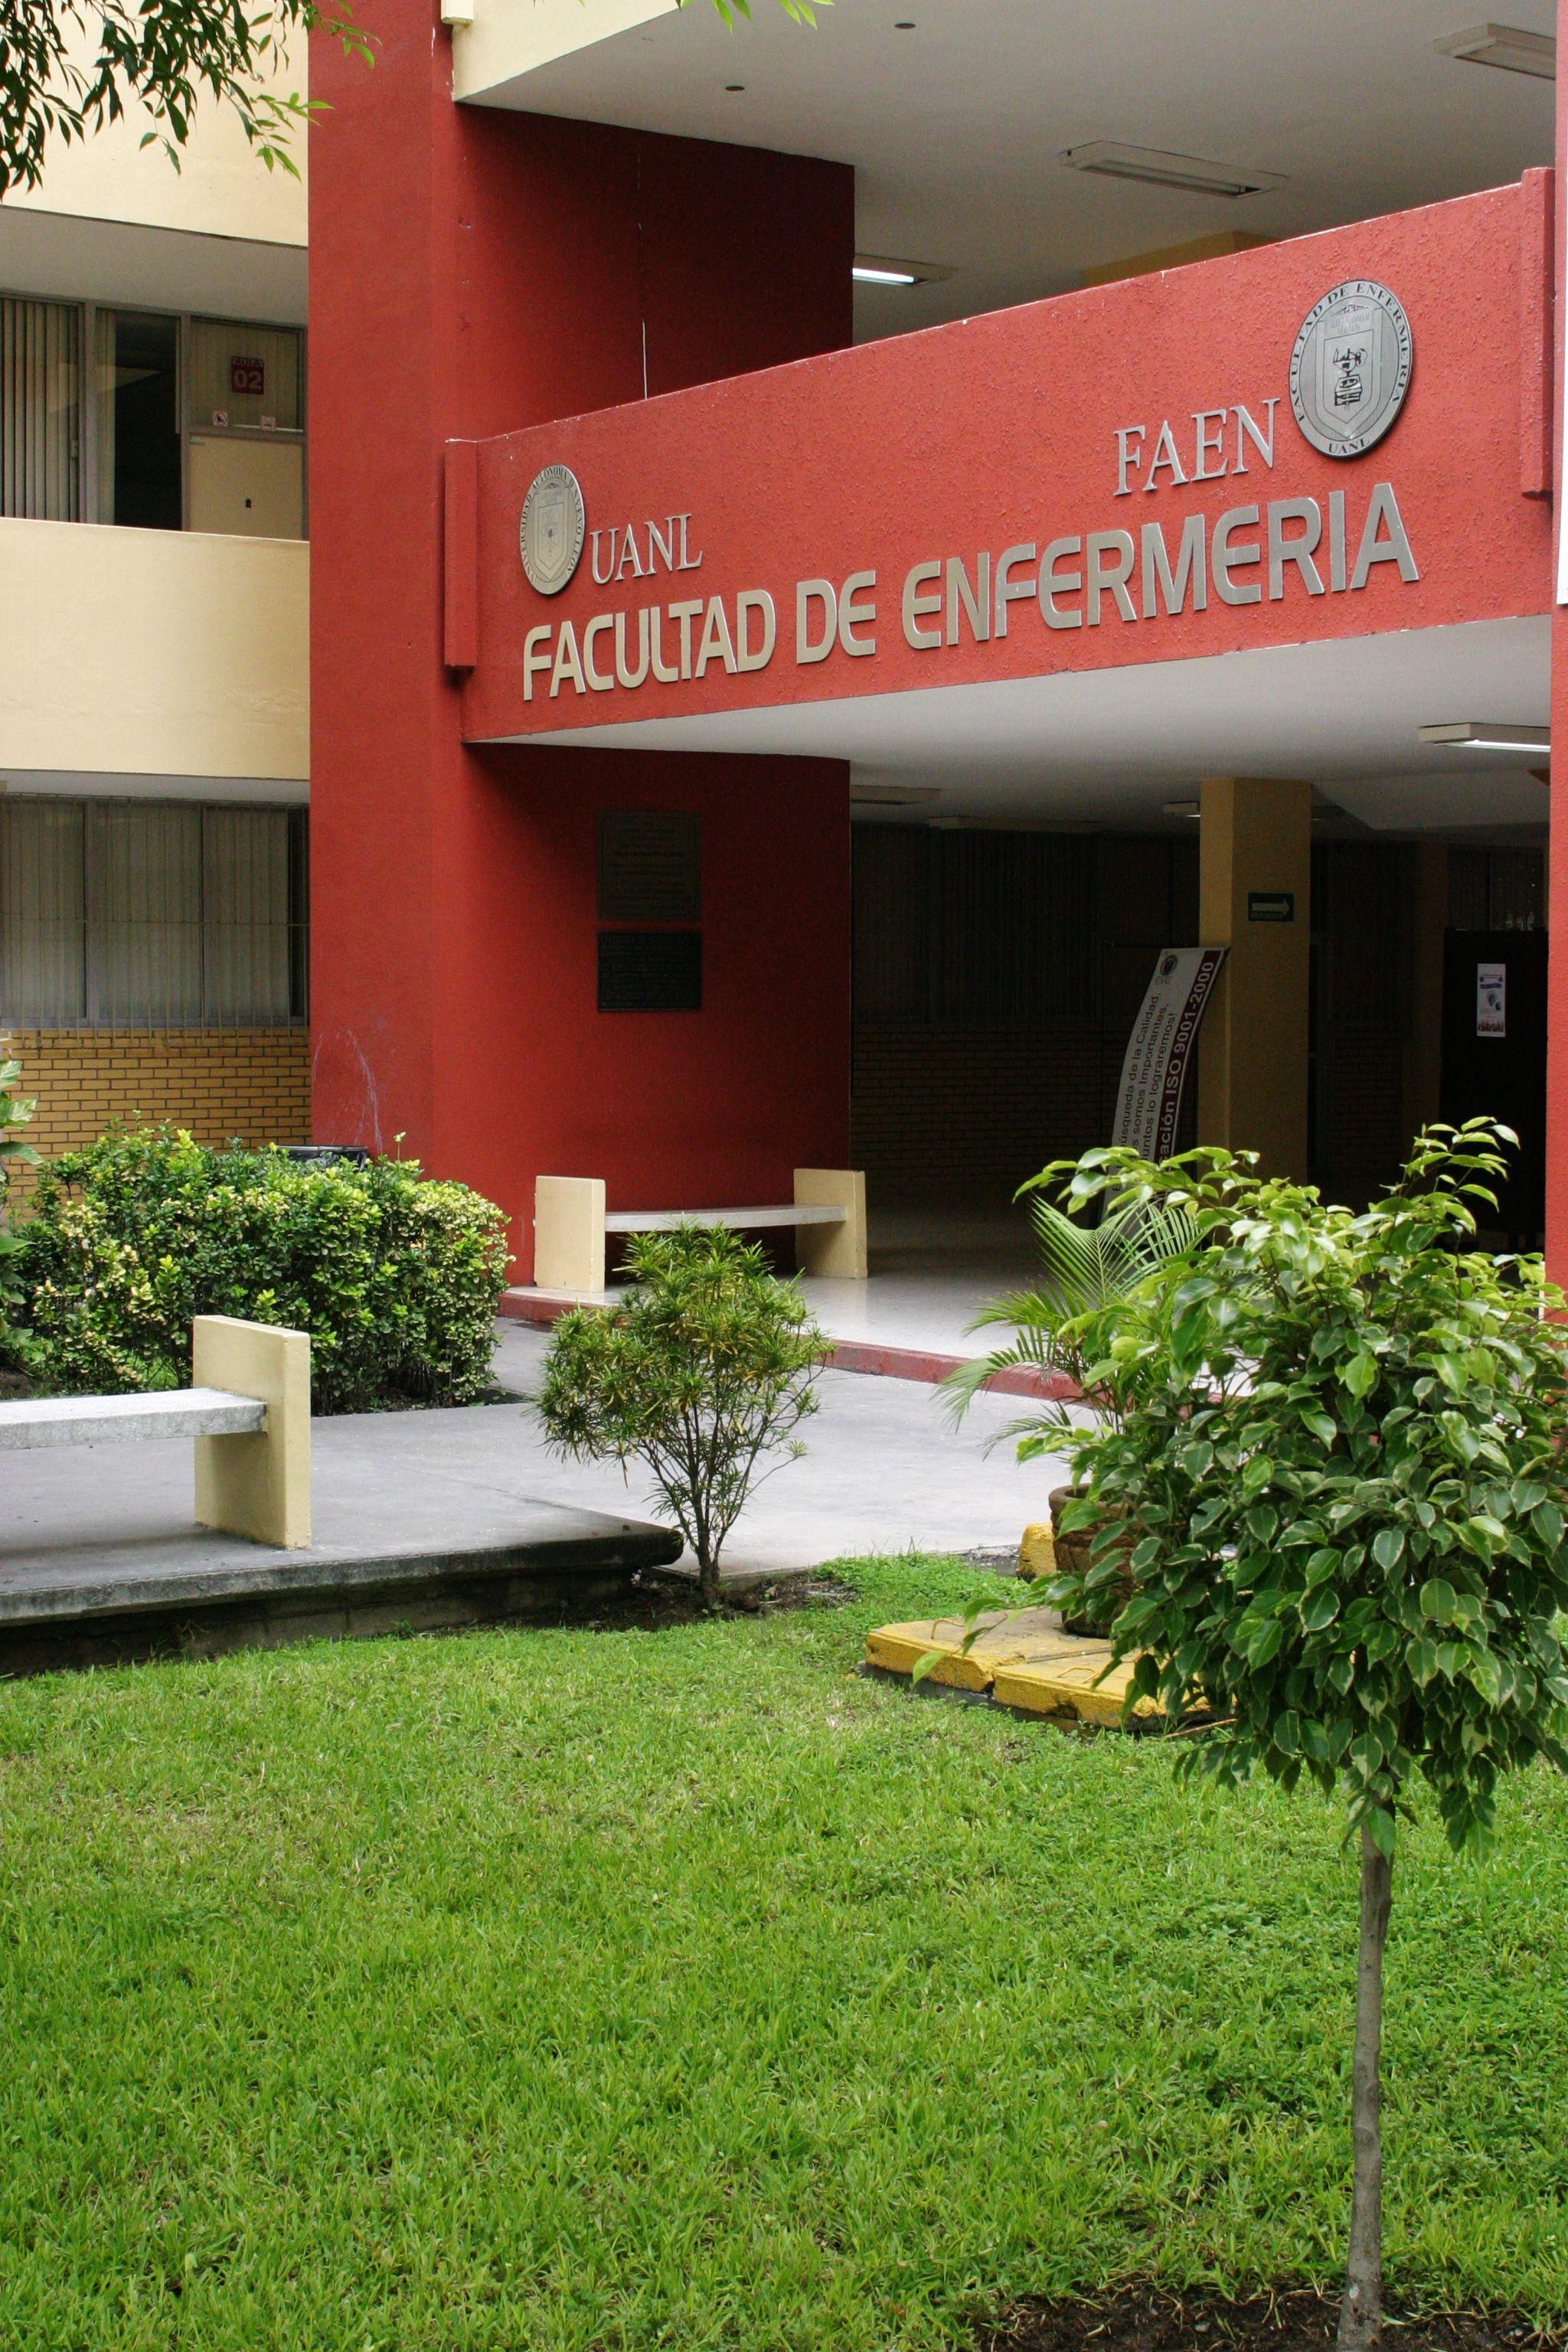 La Facultad de Enfermería está ubicada dentro del Campus